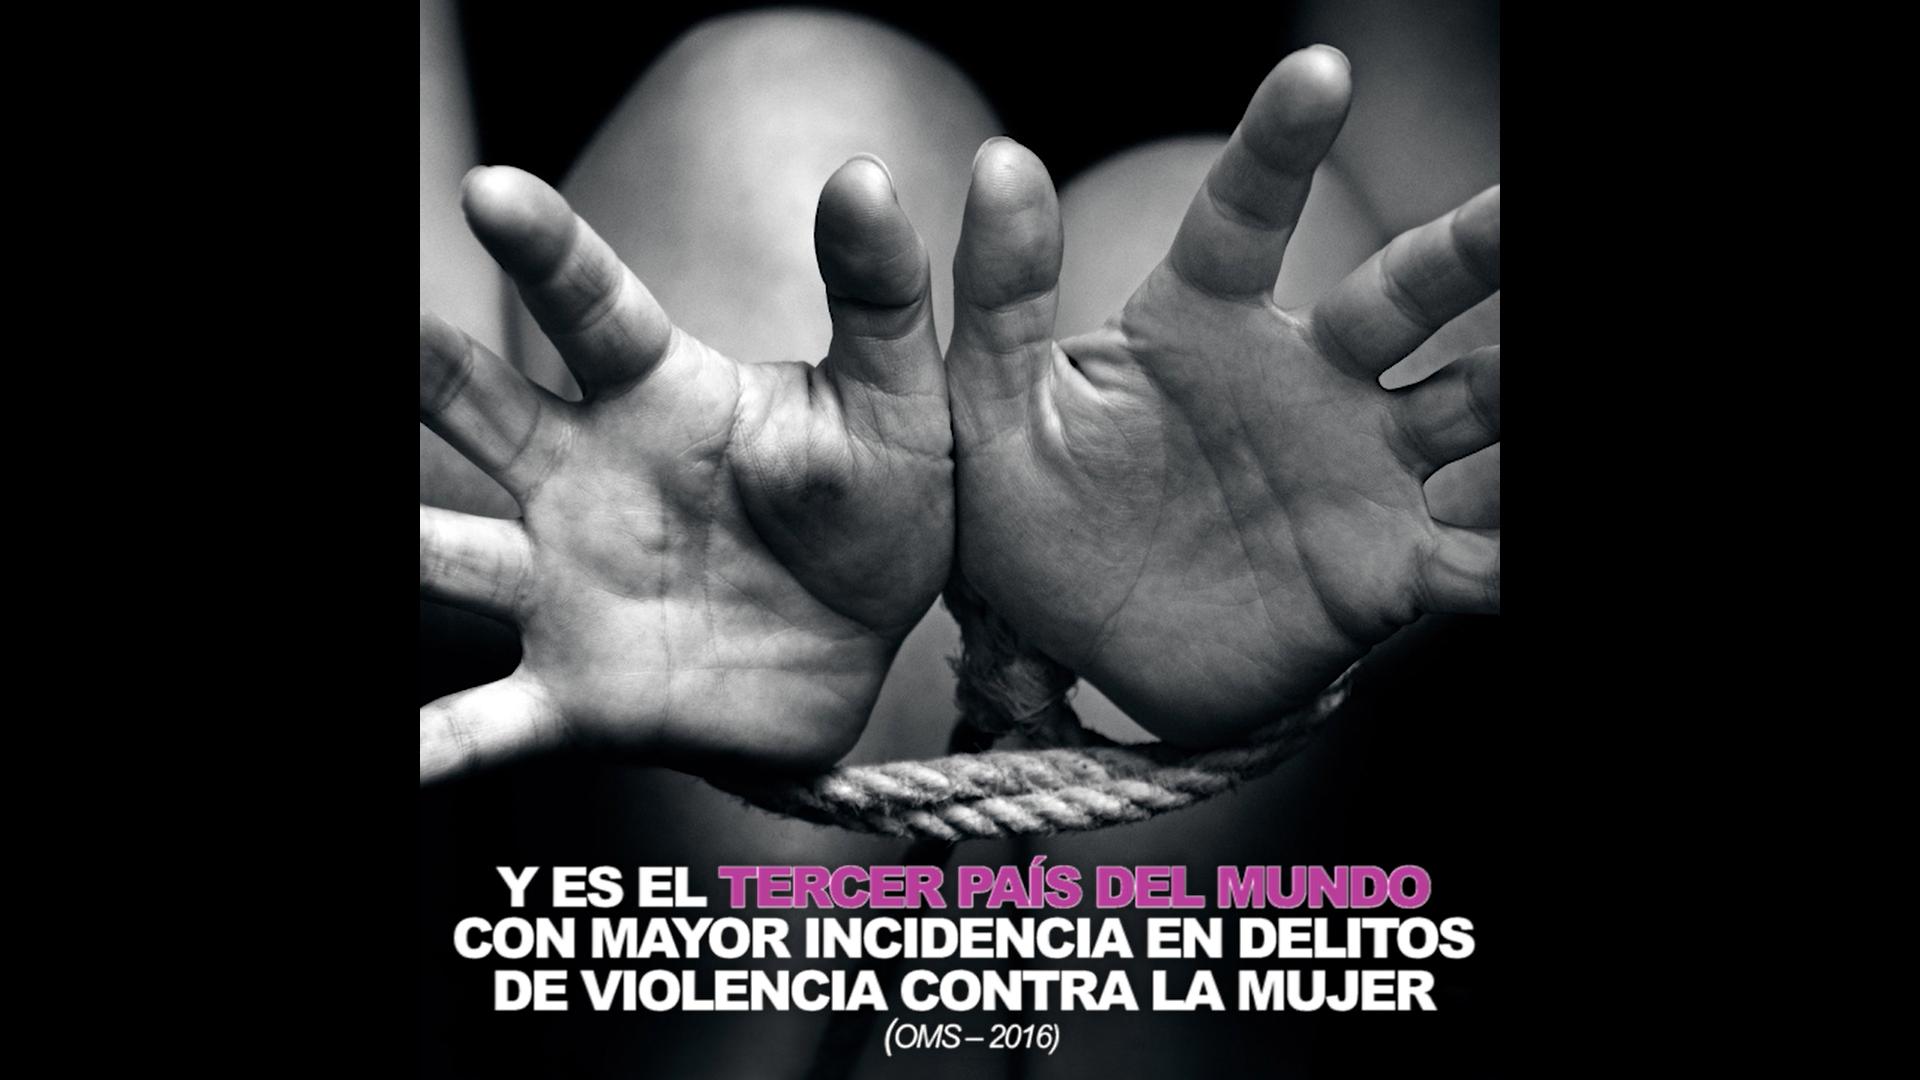 Se sitúa al feminicidio como el episodio final en una cadena de violencia y discriminación contra la mujer.